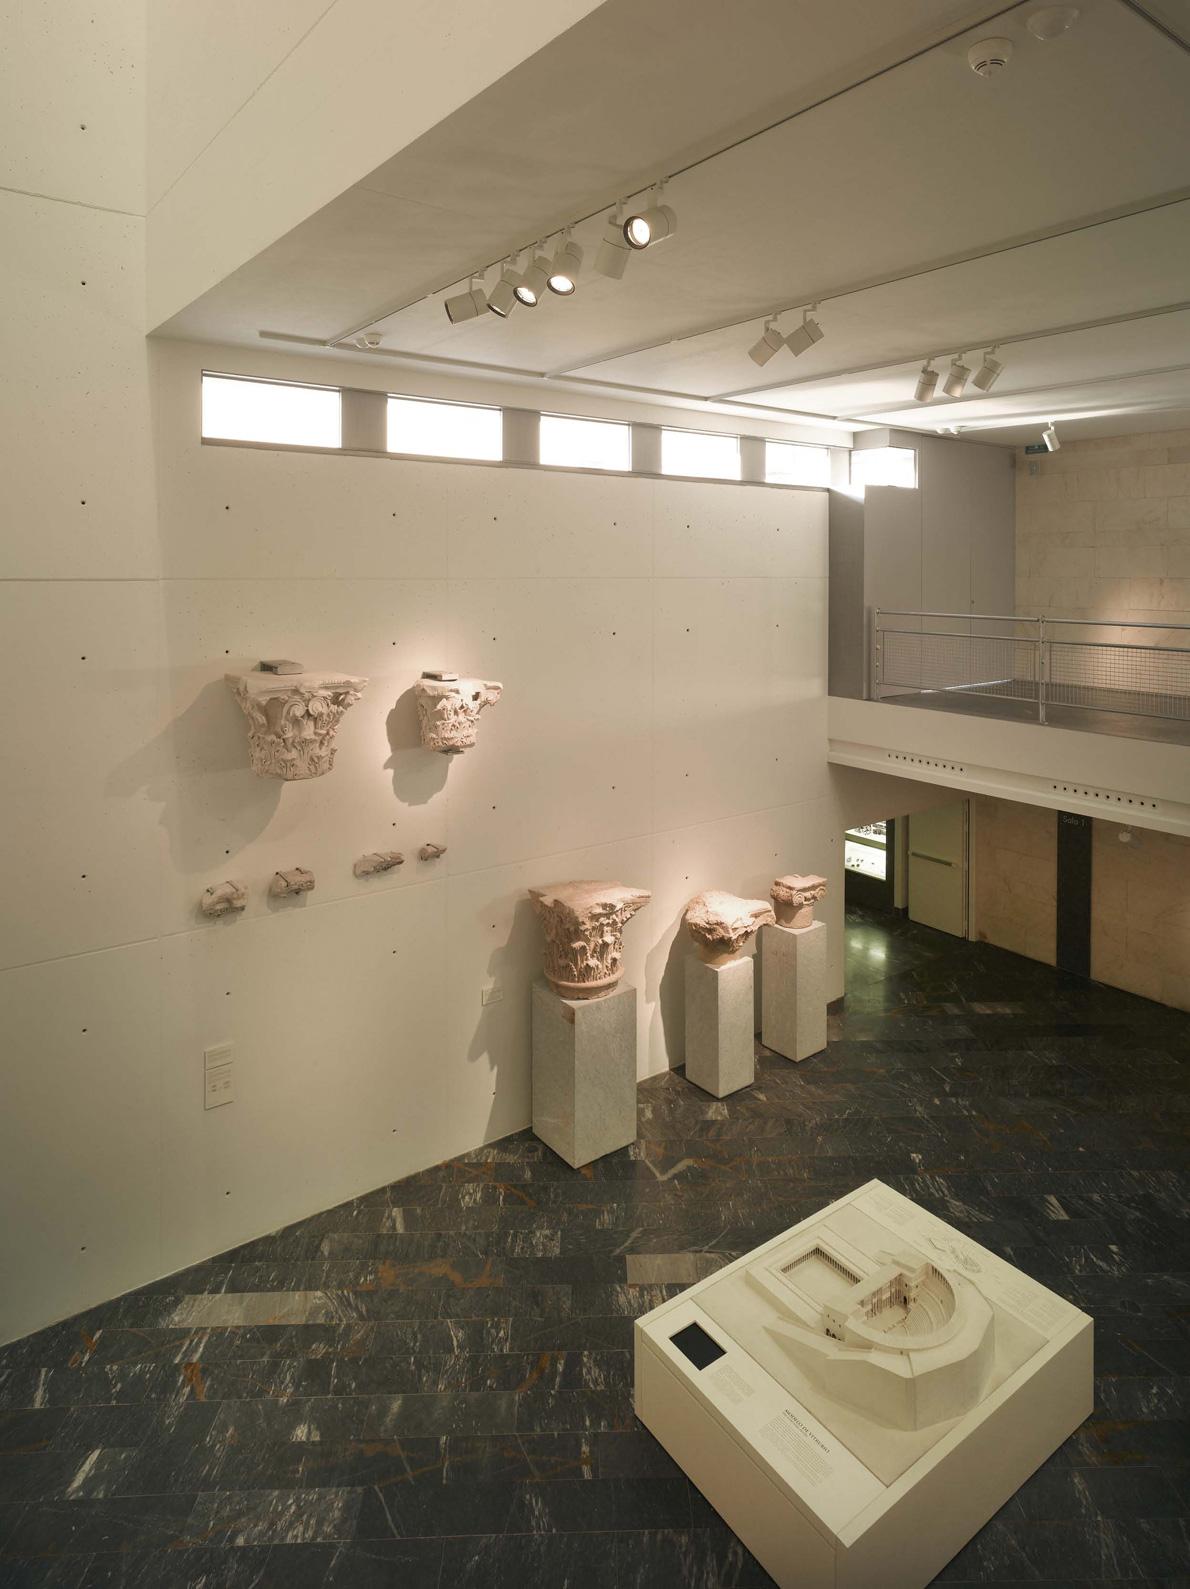 Museo_Teatro_romano_Cartagena_02.jpg